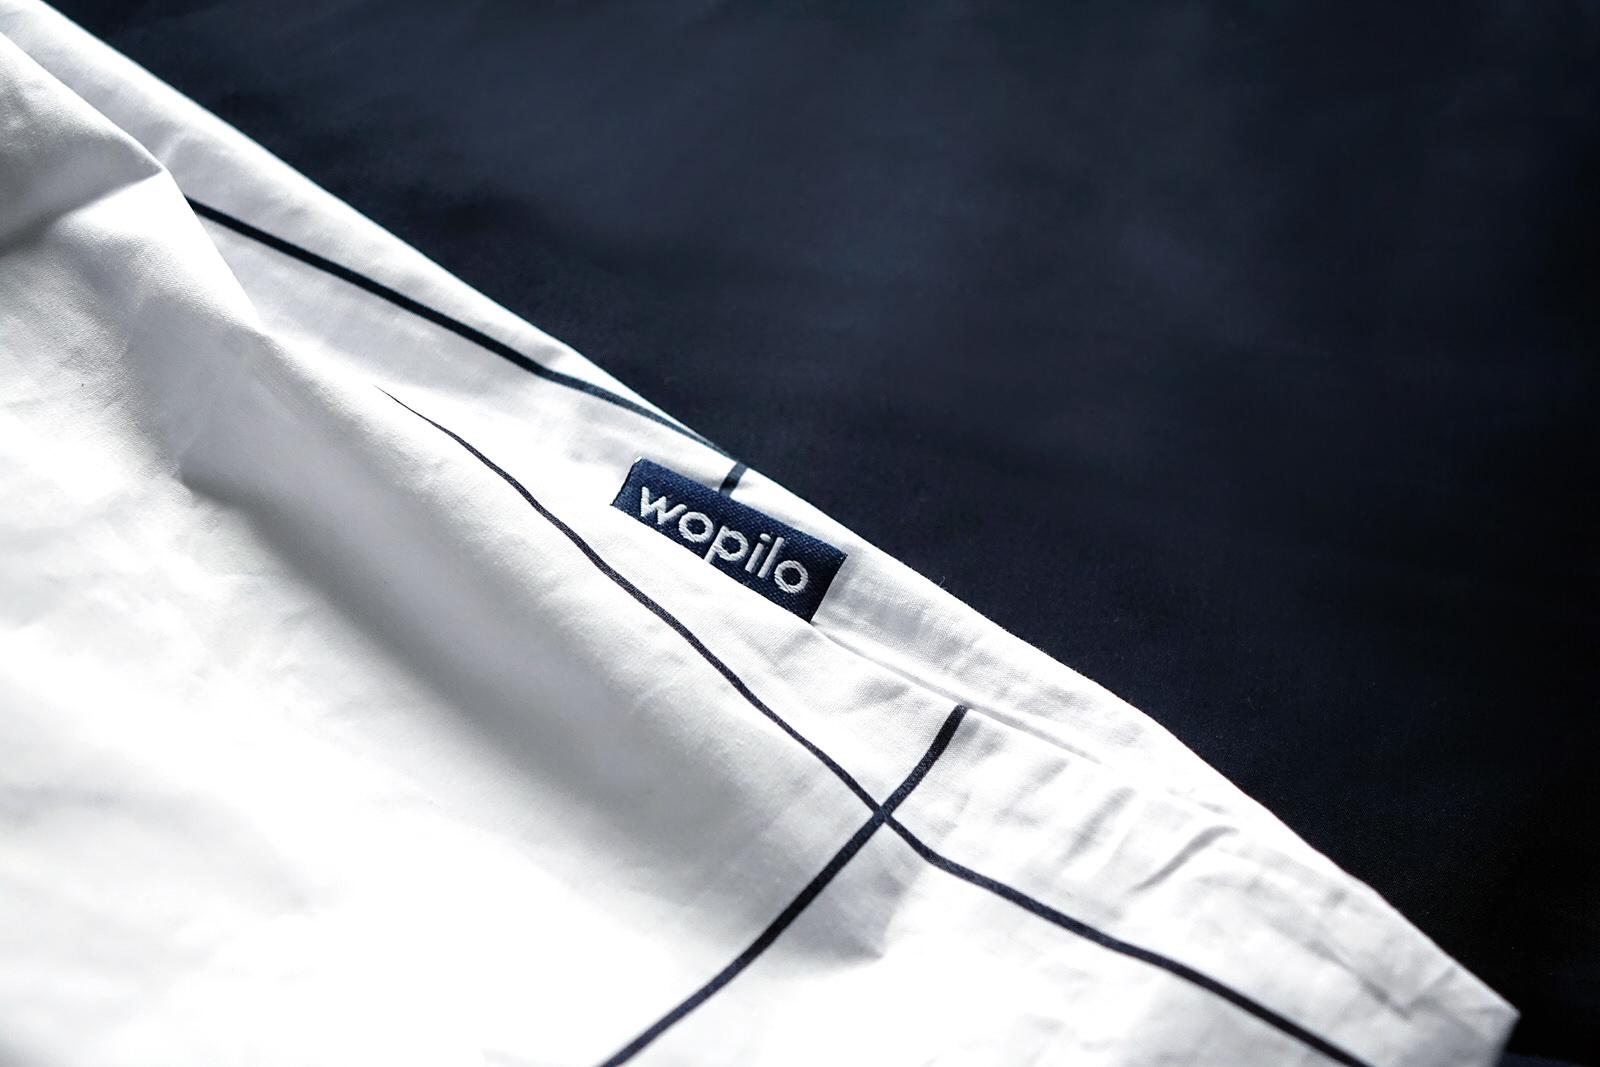 Les parures de draps Wopilo au coton bio